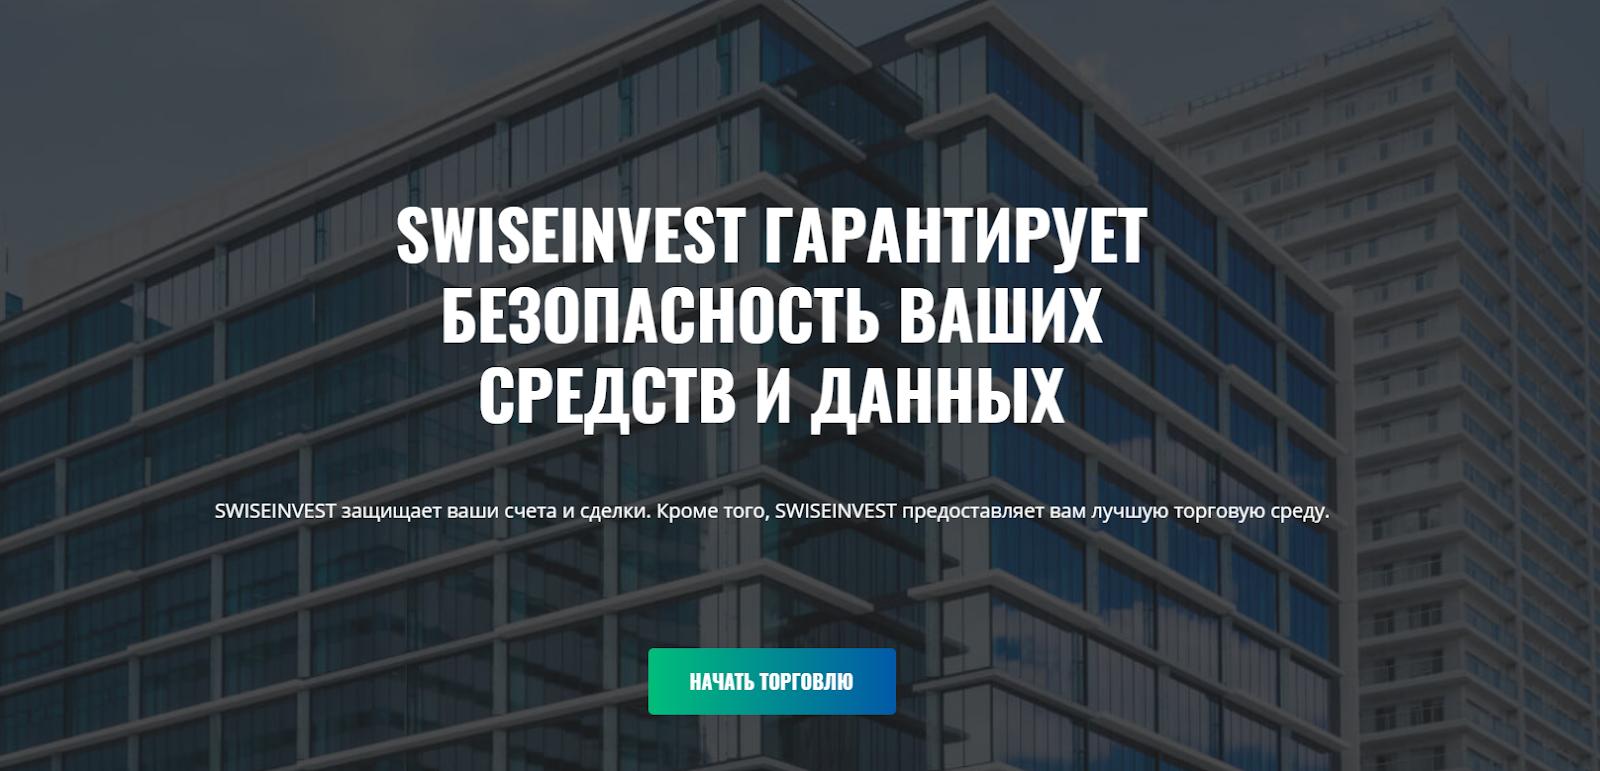 Отзывы о Swiseinvest: стоит ли сотрудничать? реальные отзывы